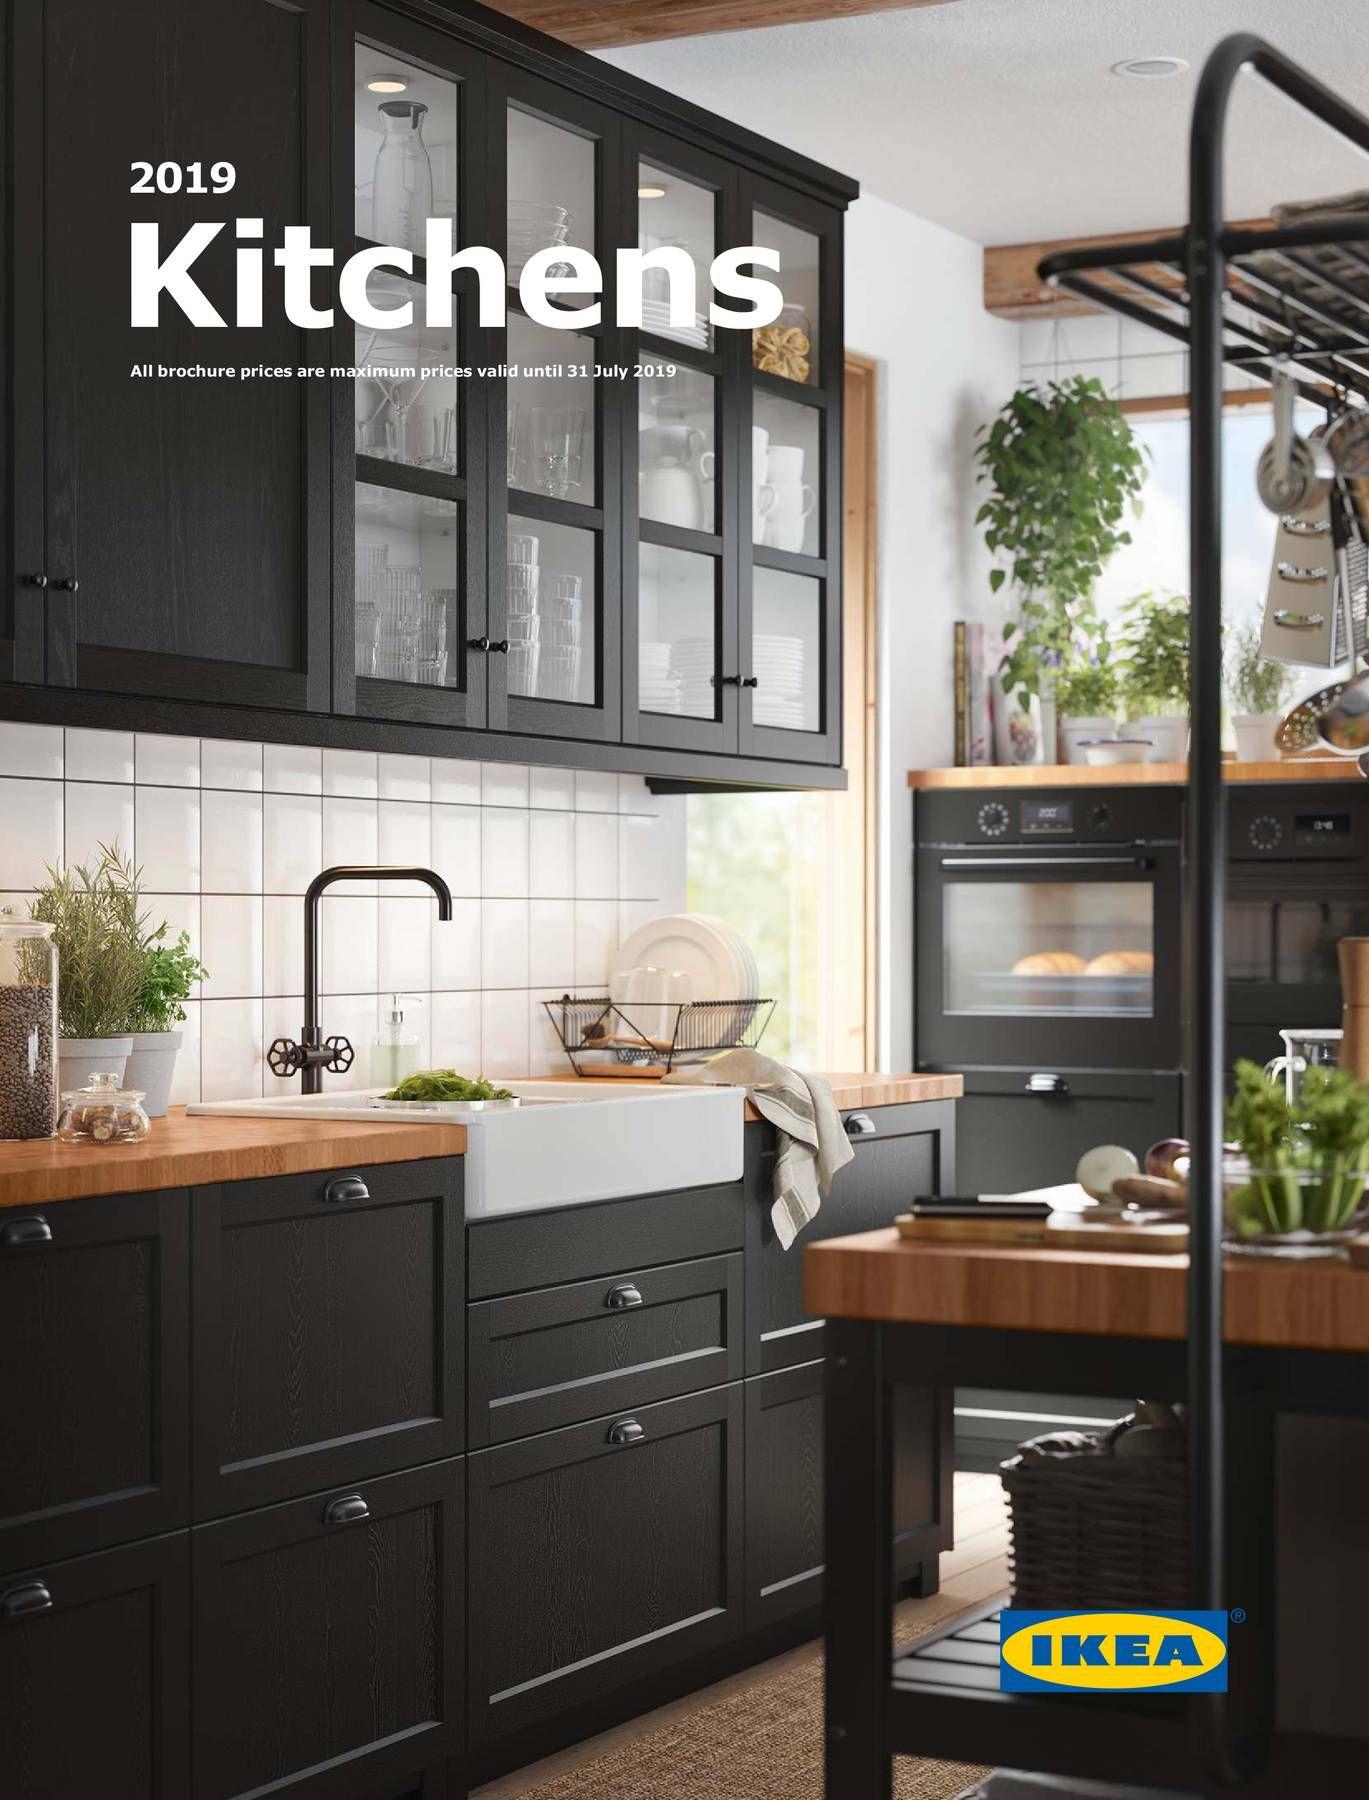 Ikea Cucine Con Isola Prezzi catalogo cucine moderne ikea